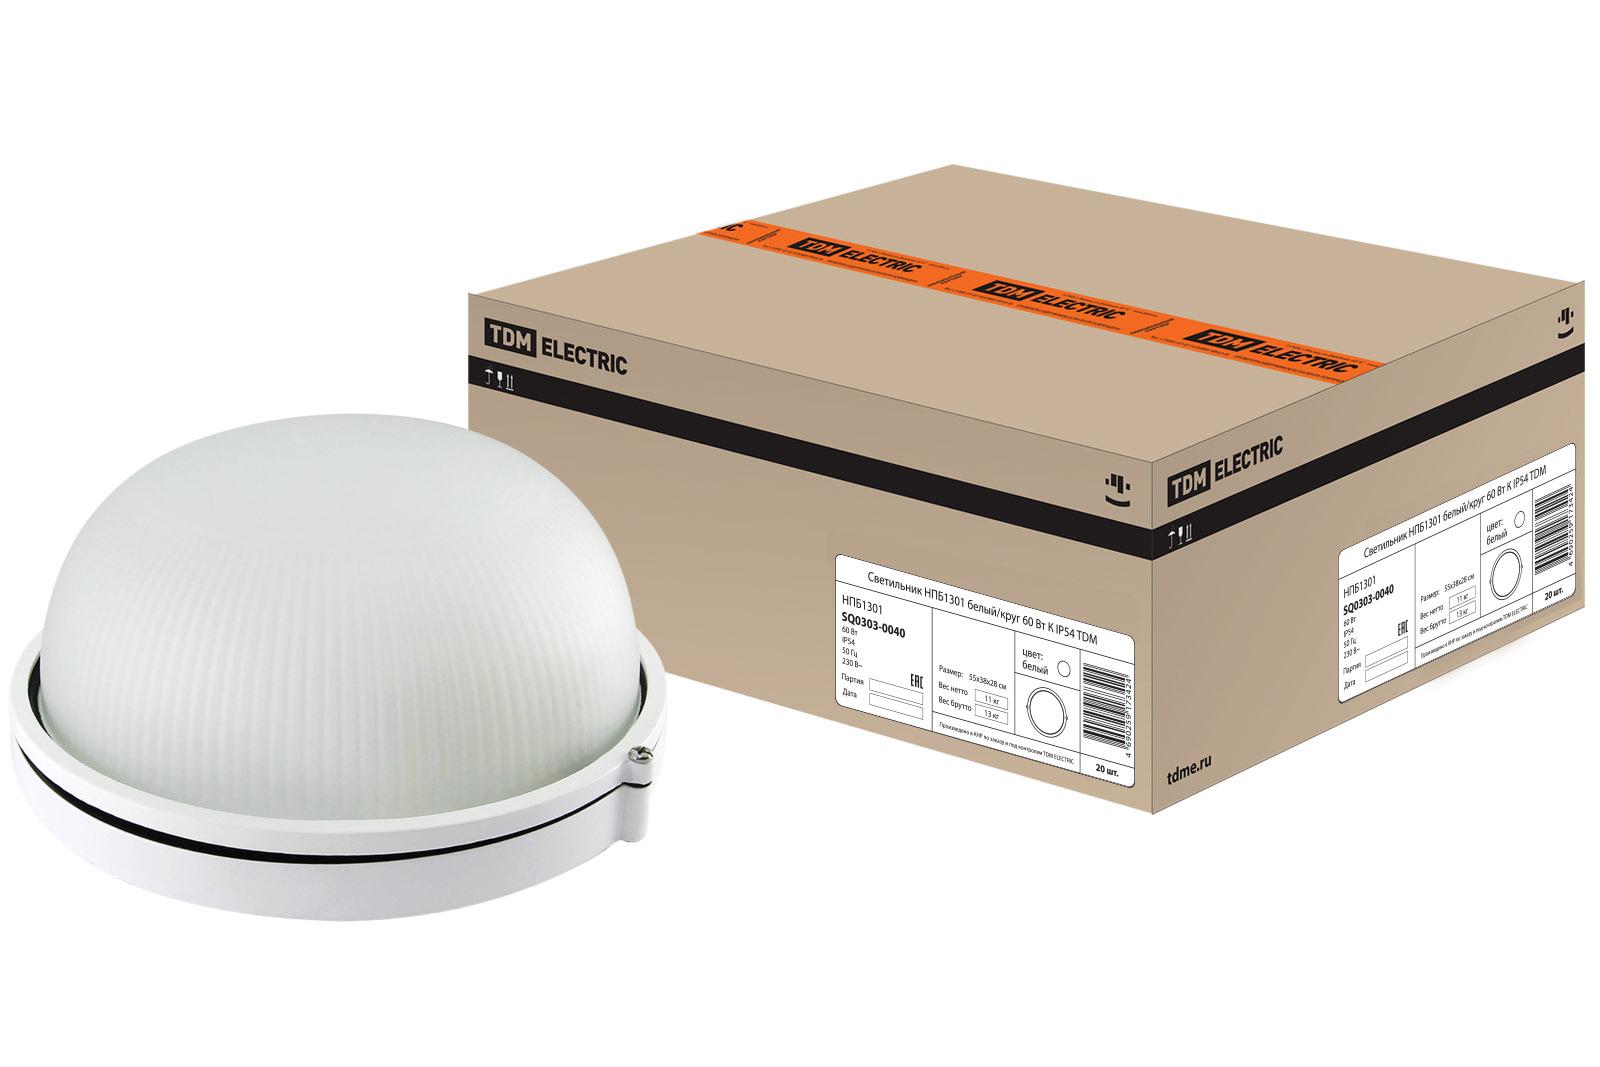 Светильник настенно-потолочный Tdm НПБ1301 светильник tdm electric нпб1301 white sq0303 0030